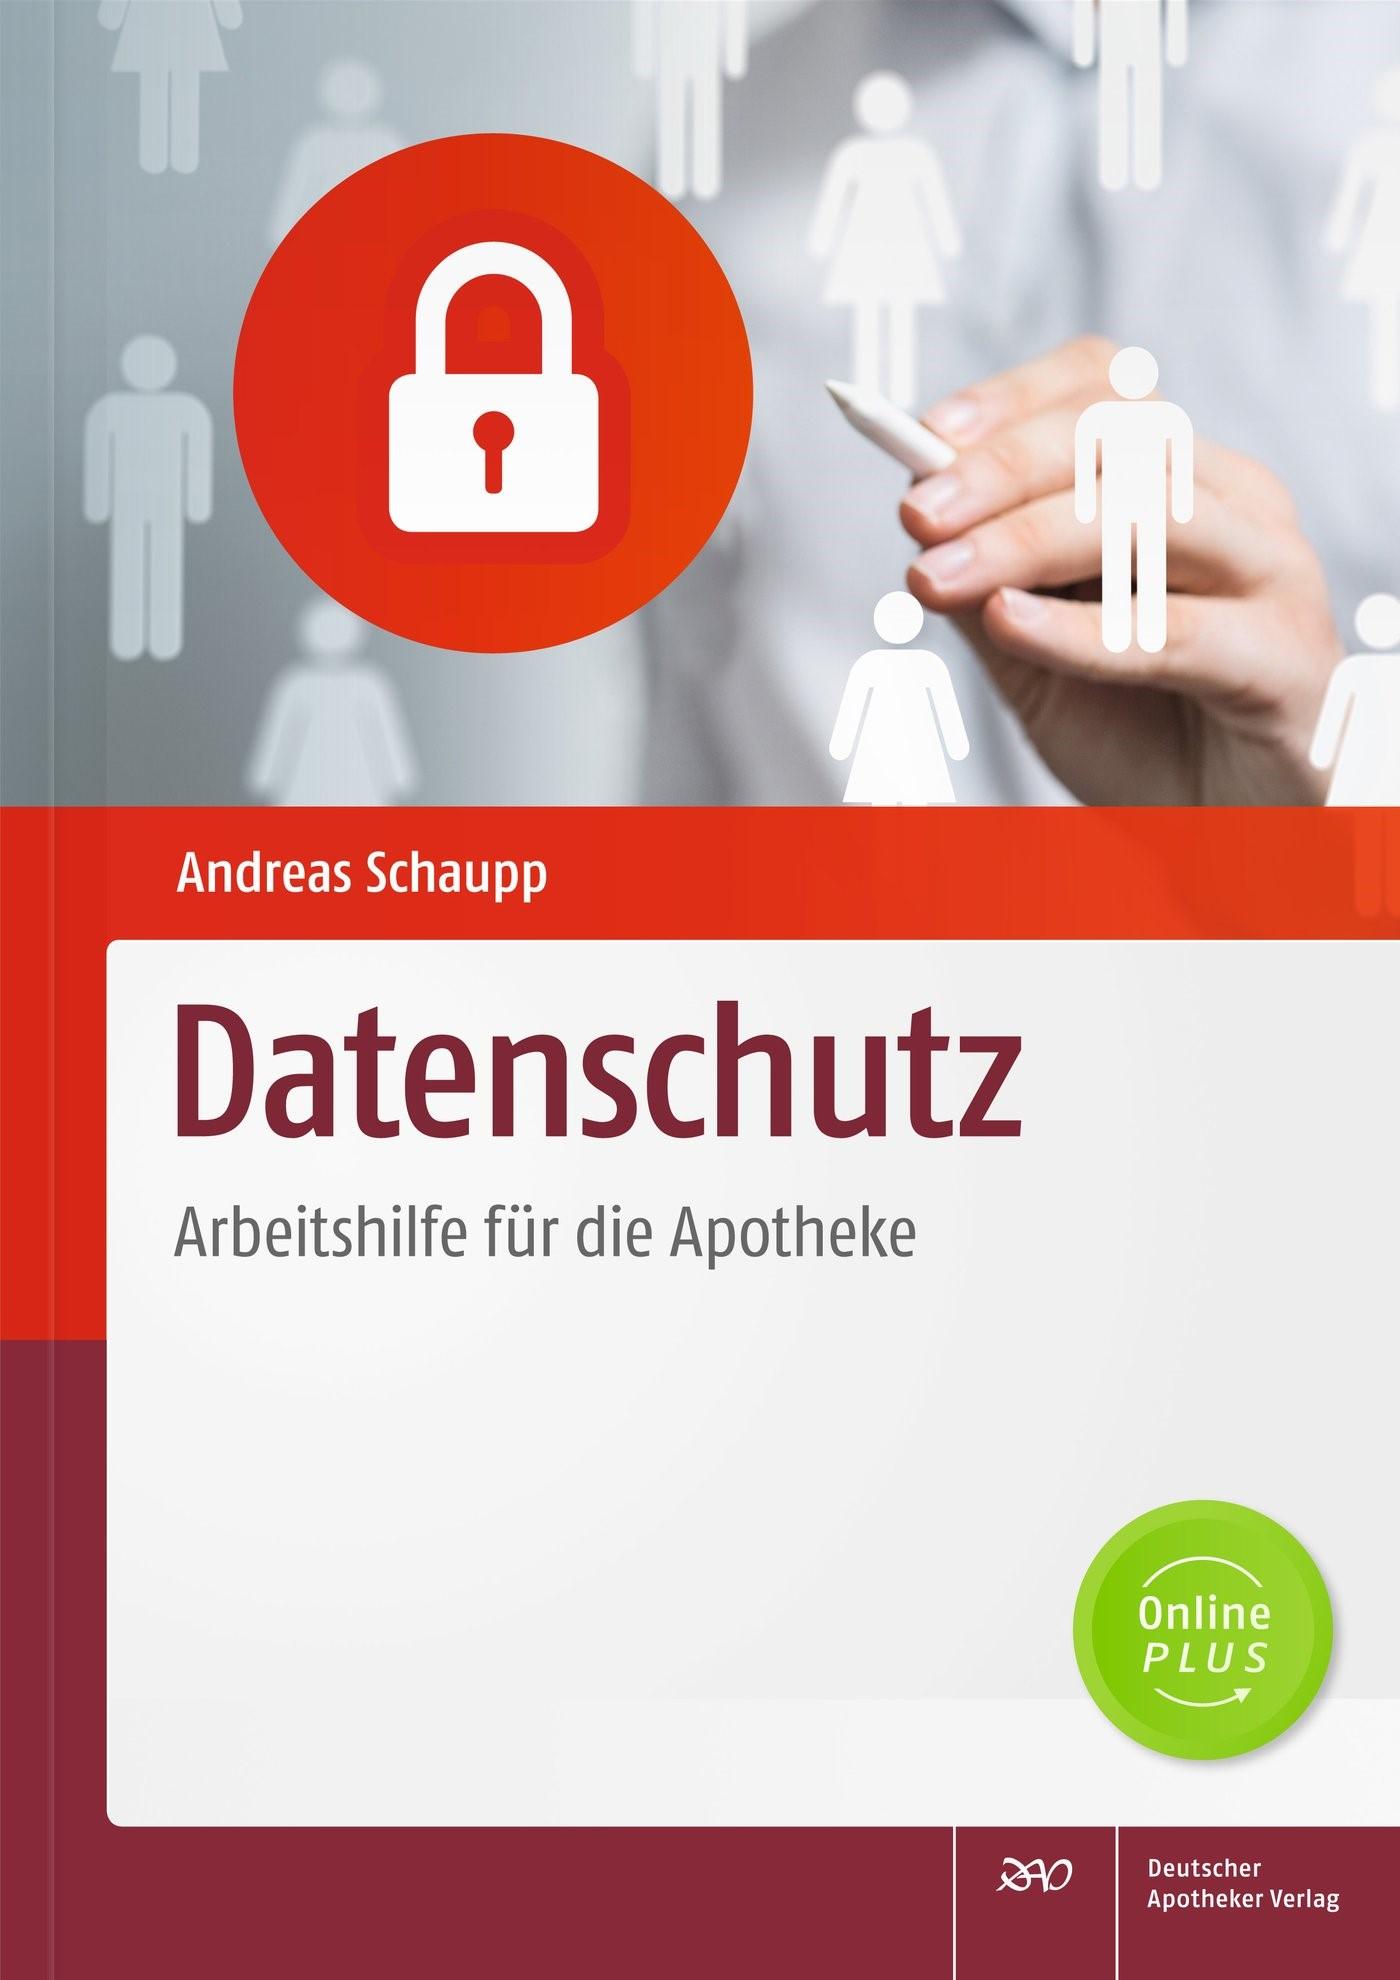 Datenschutz - Arbeitshilfe für die Apotheke | Schaupp, 2018 | Buch (Cover)